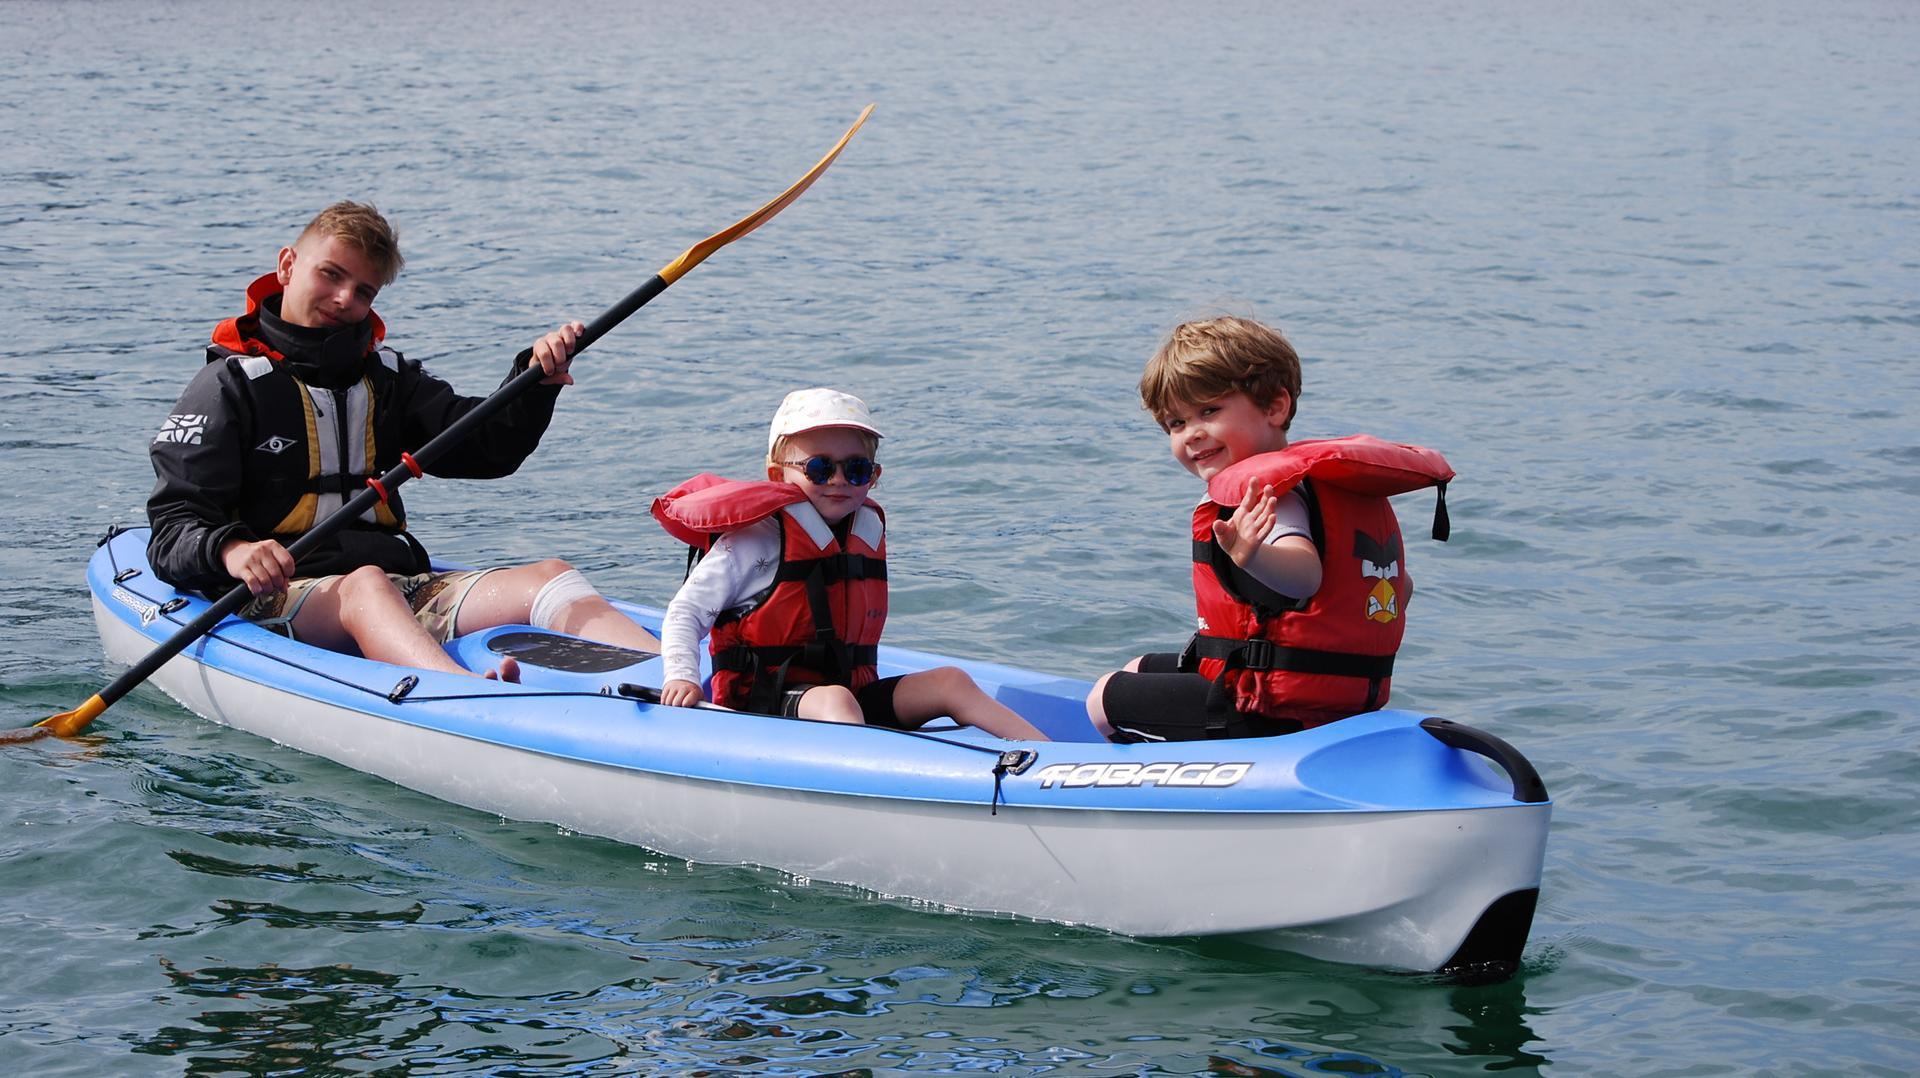 Sortie en kayak pour les Moussaillons au Club Nautique du Rohu